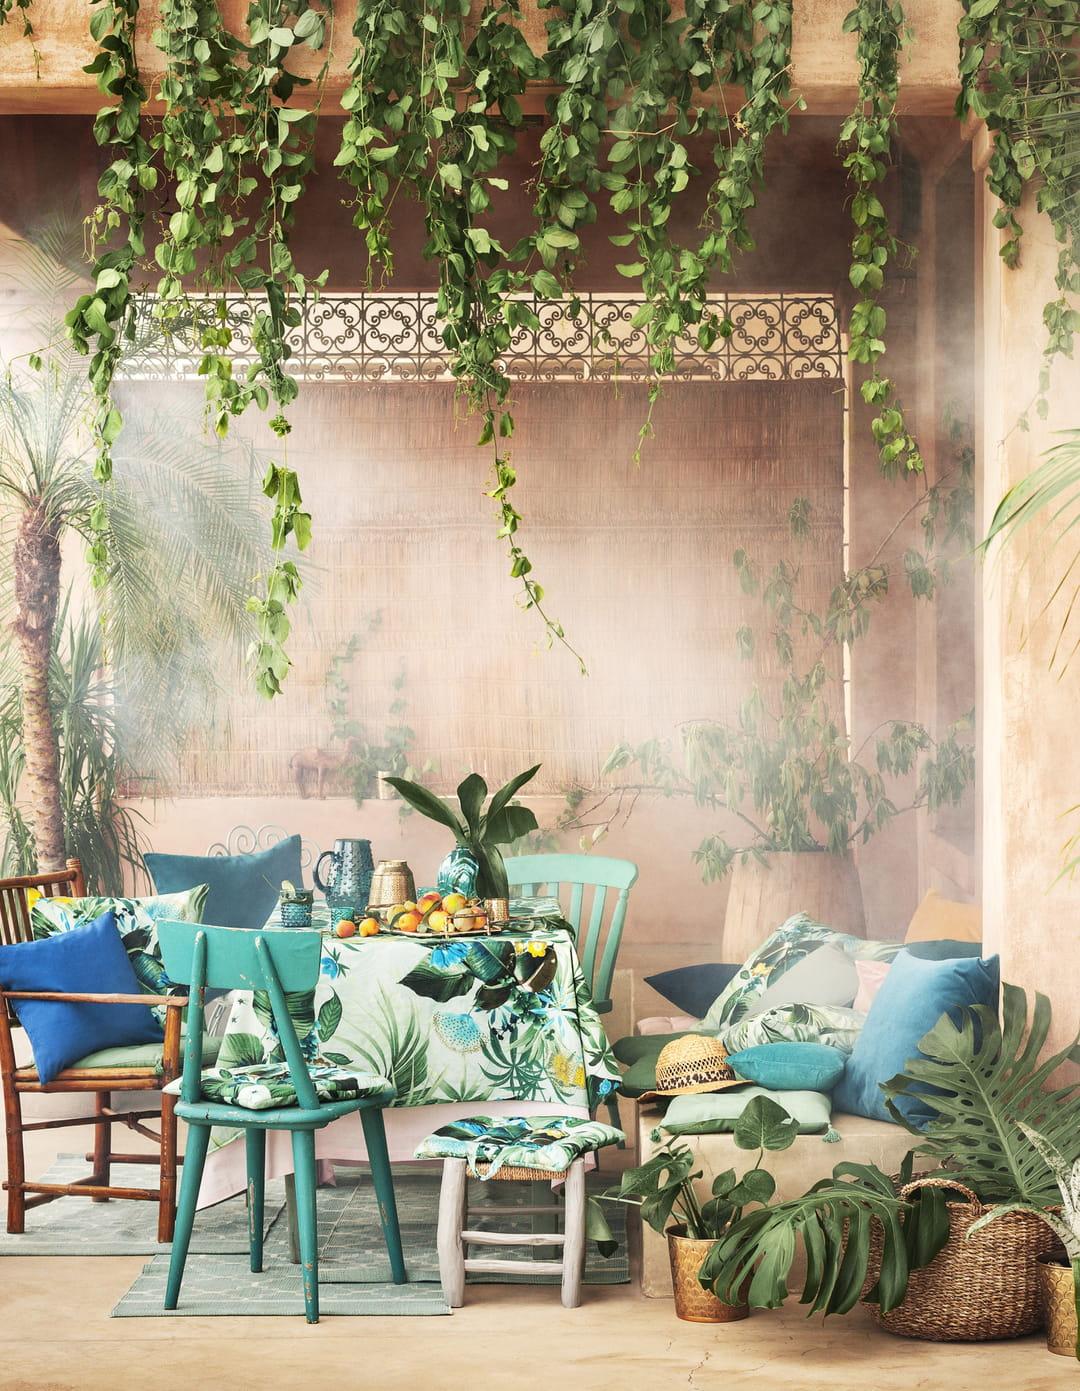 Deco Chambre Style Exotique la déco tropicale, entre végétation exubérante et couleurs vives